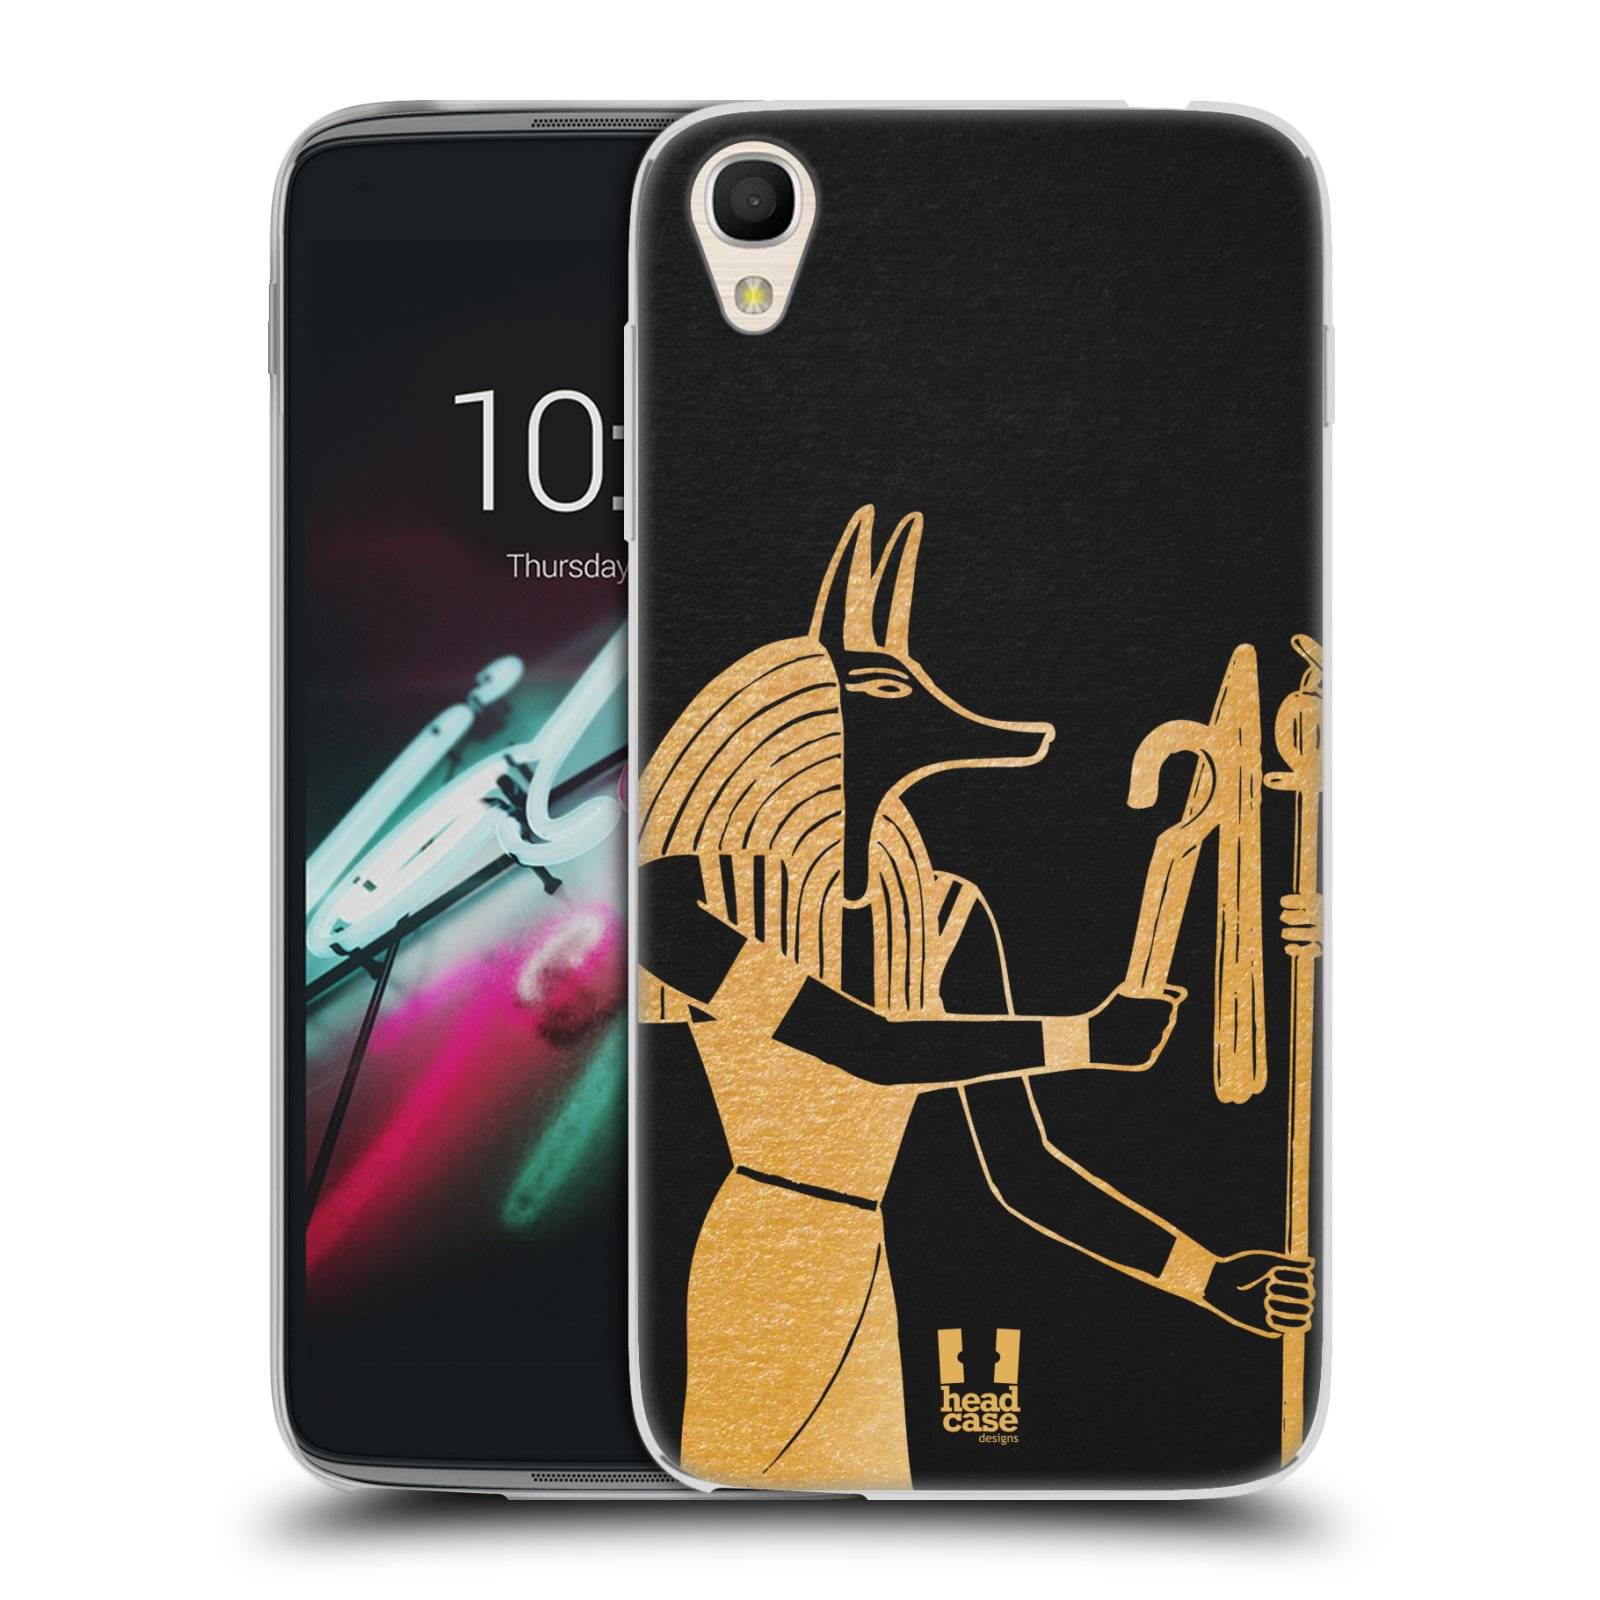 """Silikonové pouzdro na mobil Alcatel One Touch 6039Y Idol 3 HEAD CASE EGYPT ANUBIS (Silikonový kryt či obal na mobilní telefon Alcatel One Touch Idol 3 OT-6039Y s 4,7"""" displejem)"""